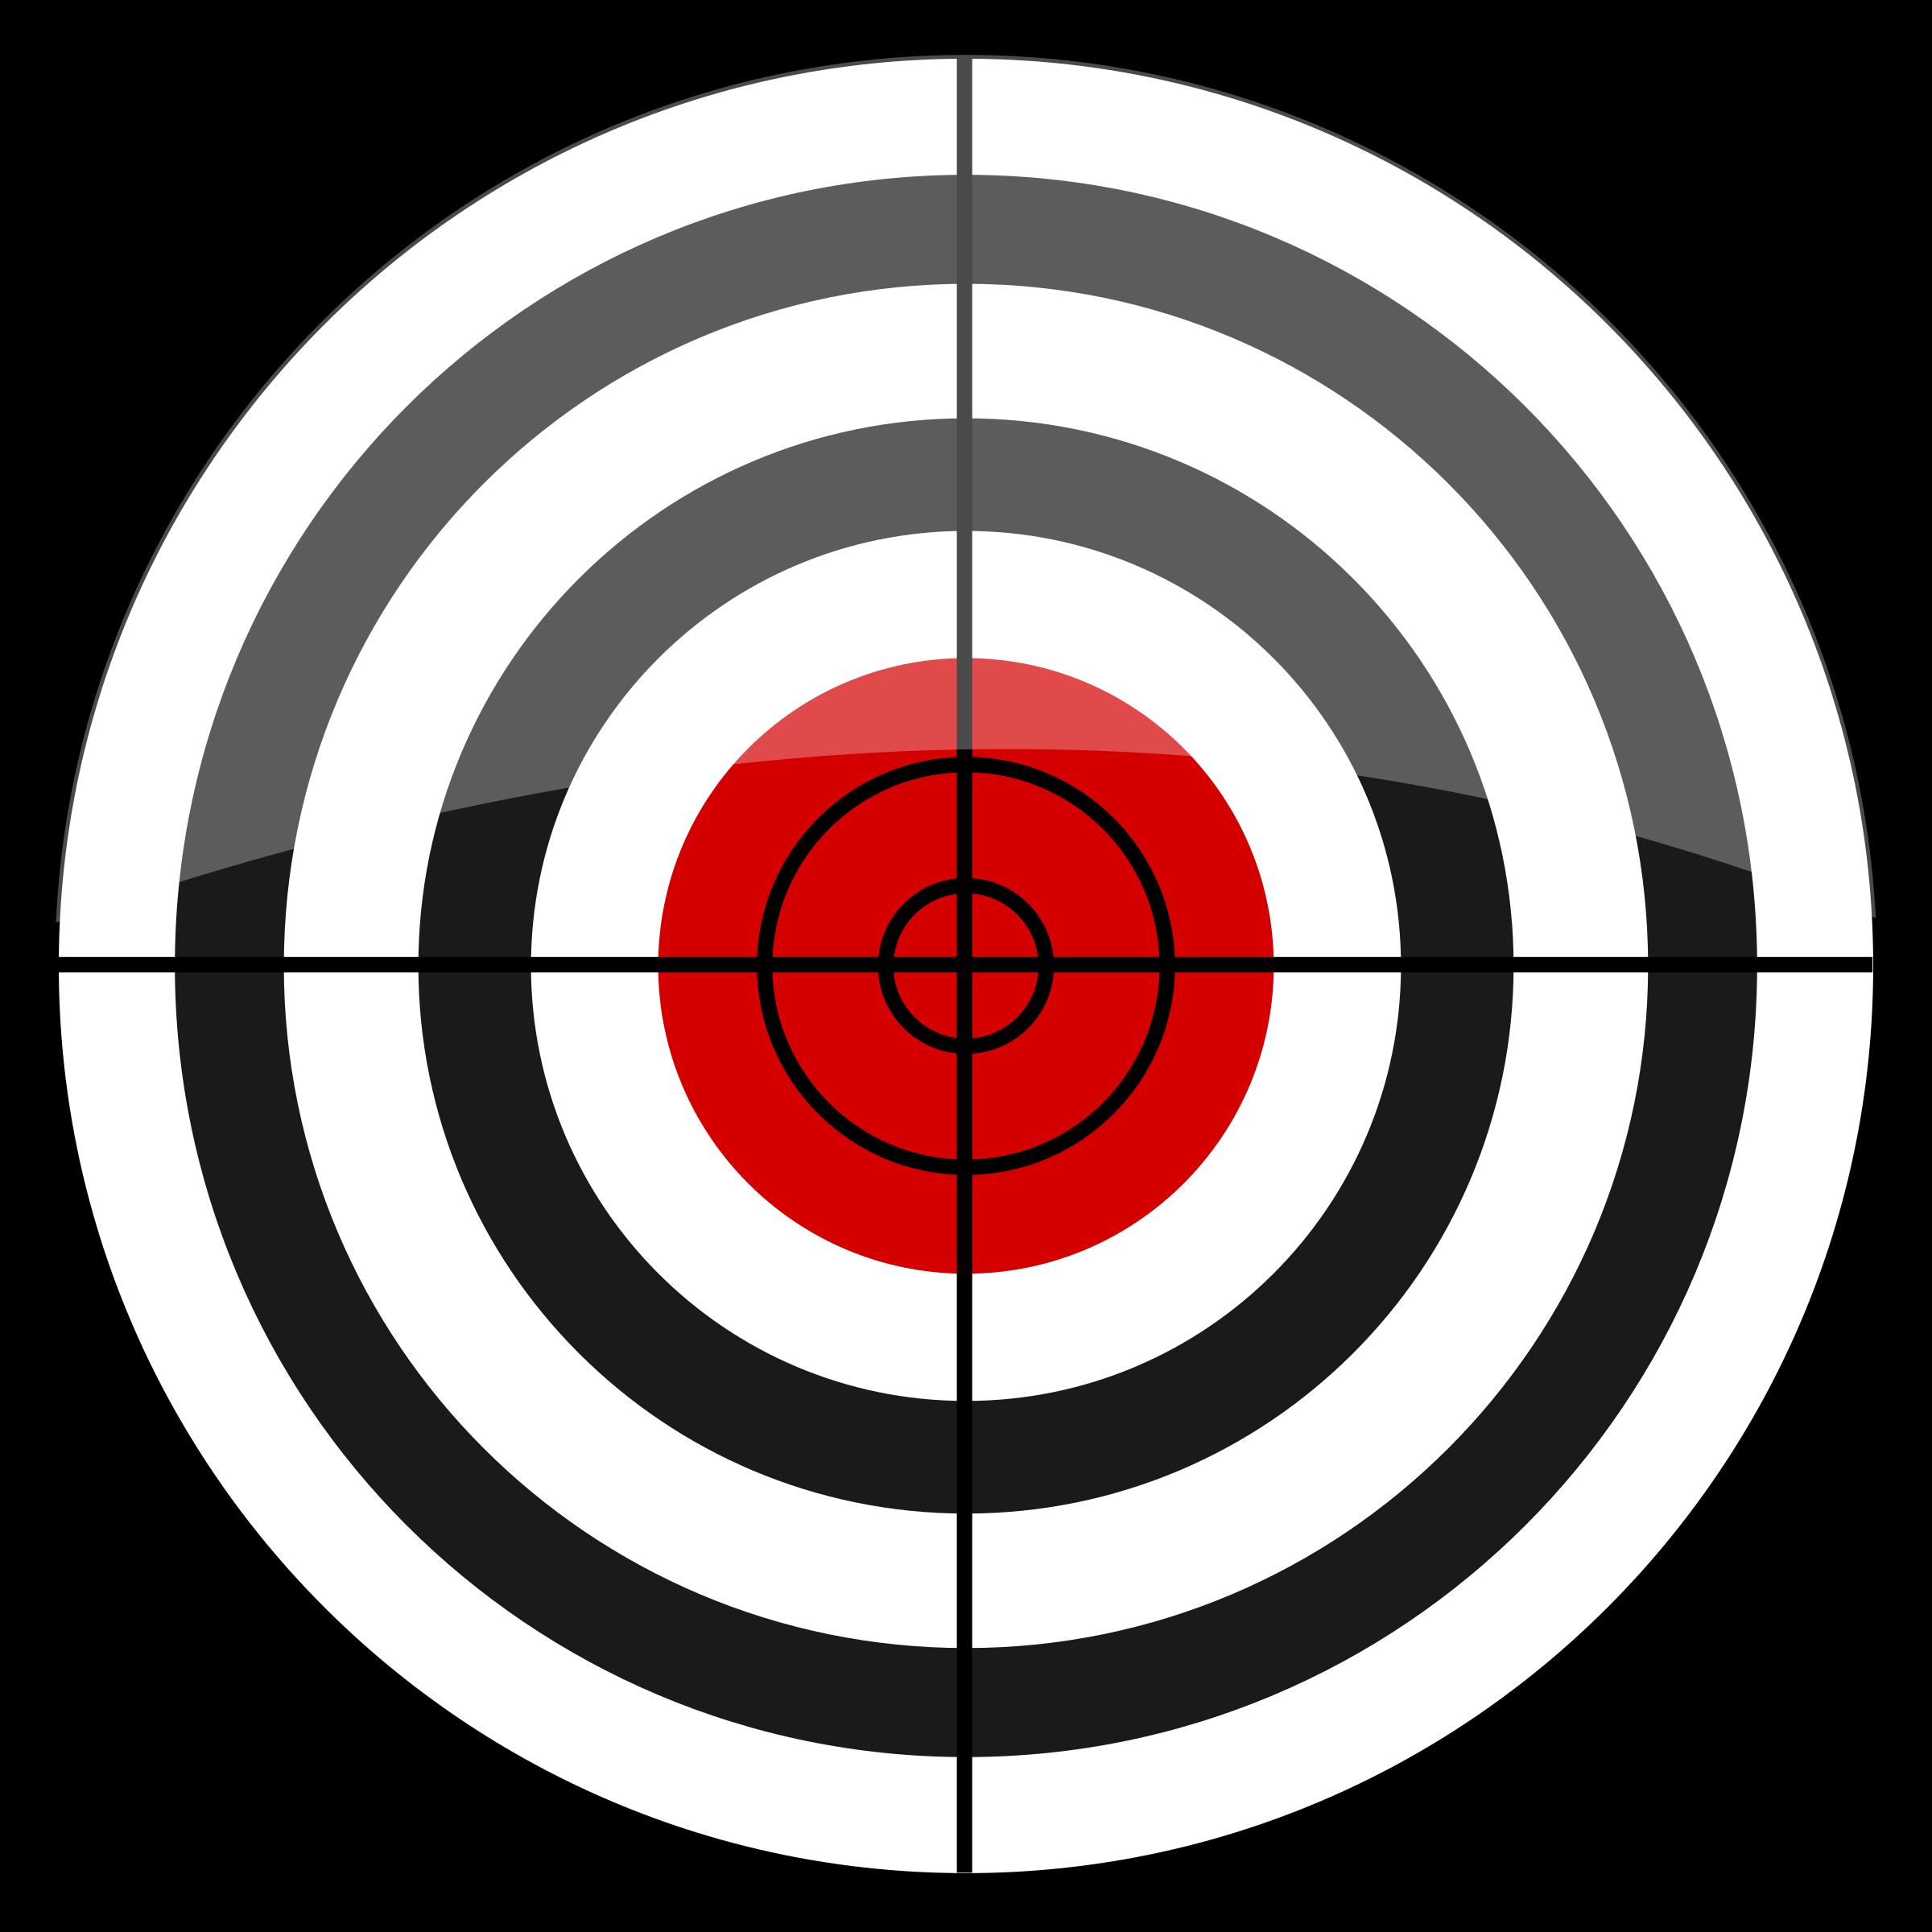 2400x2400 Target Clipart Big